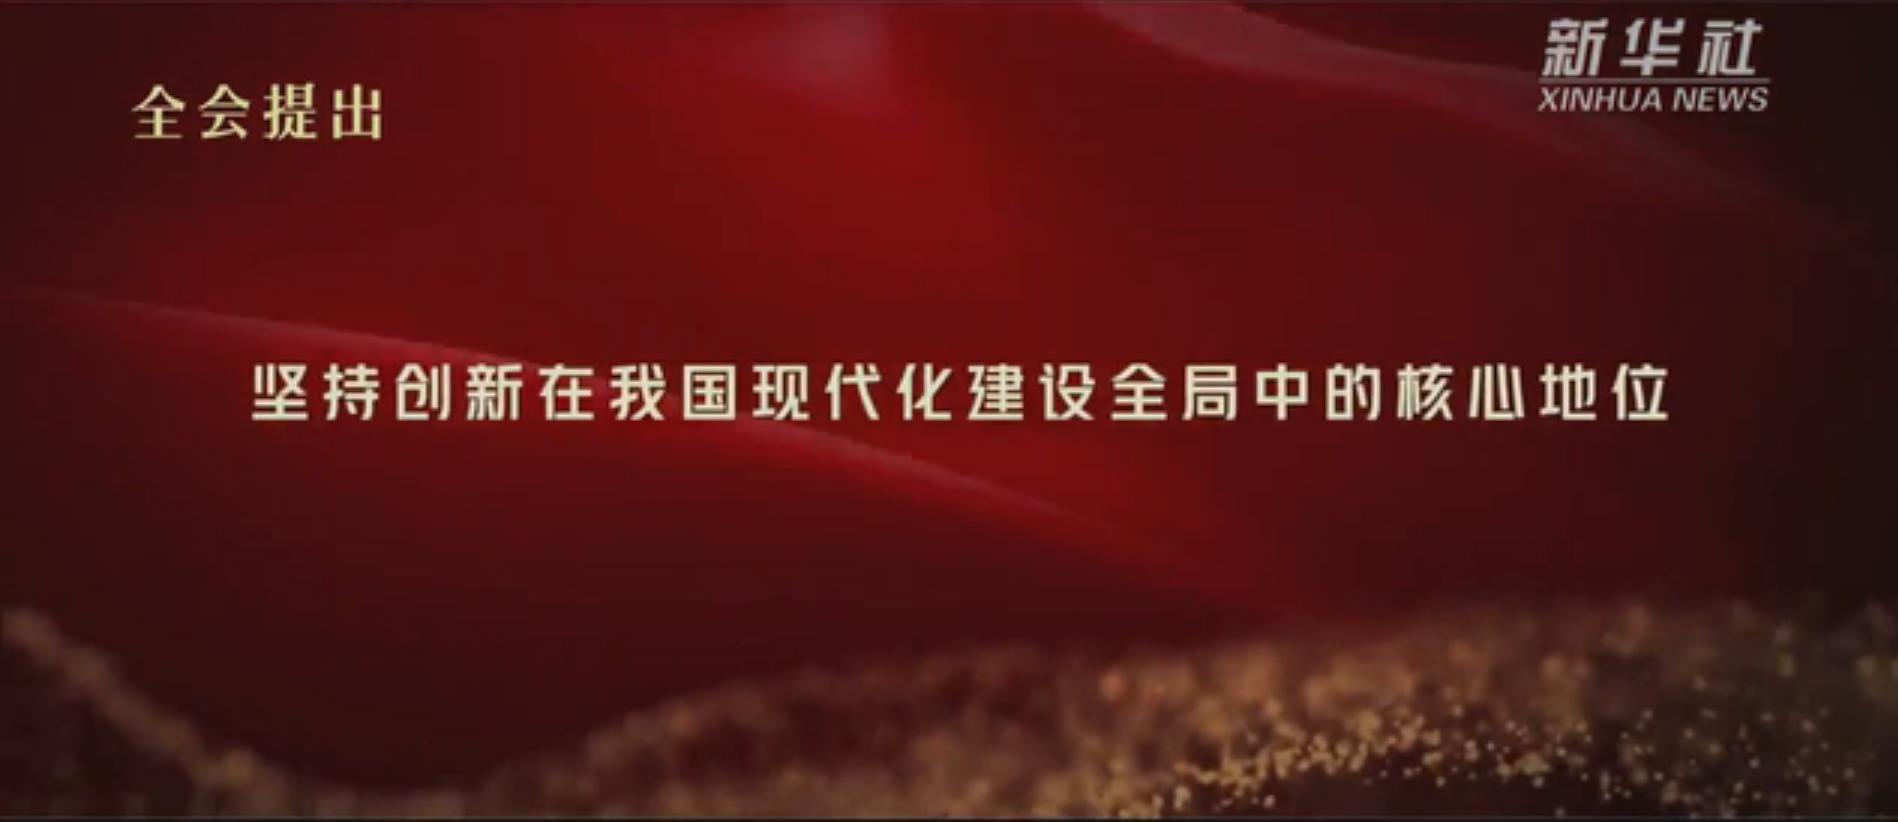 开启全面建设社会主义现代化国家新征程——从党的十九届五中全会看中国未来发展